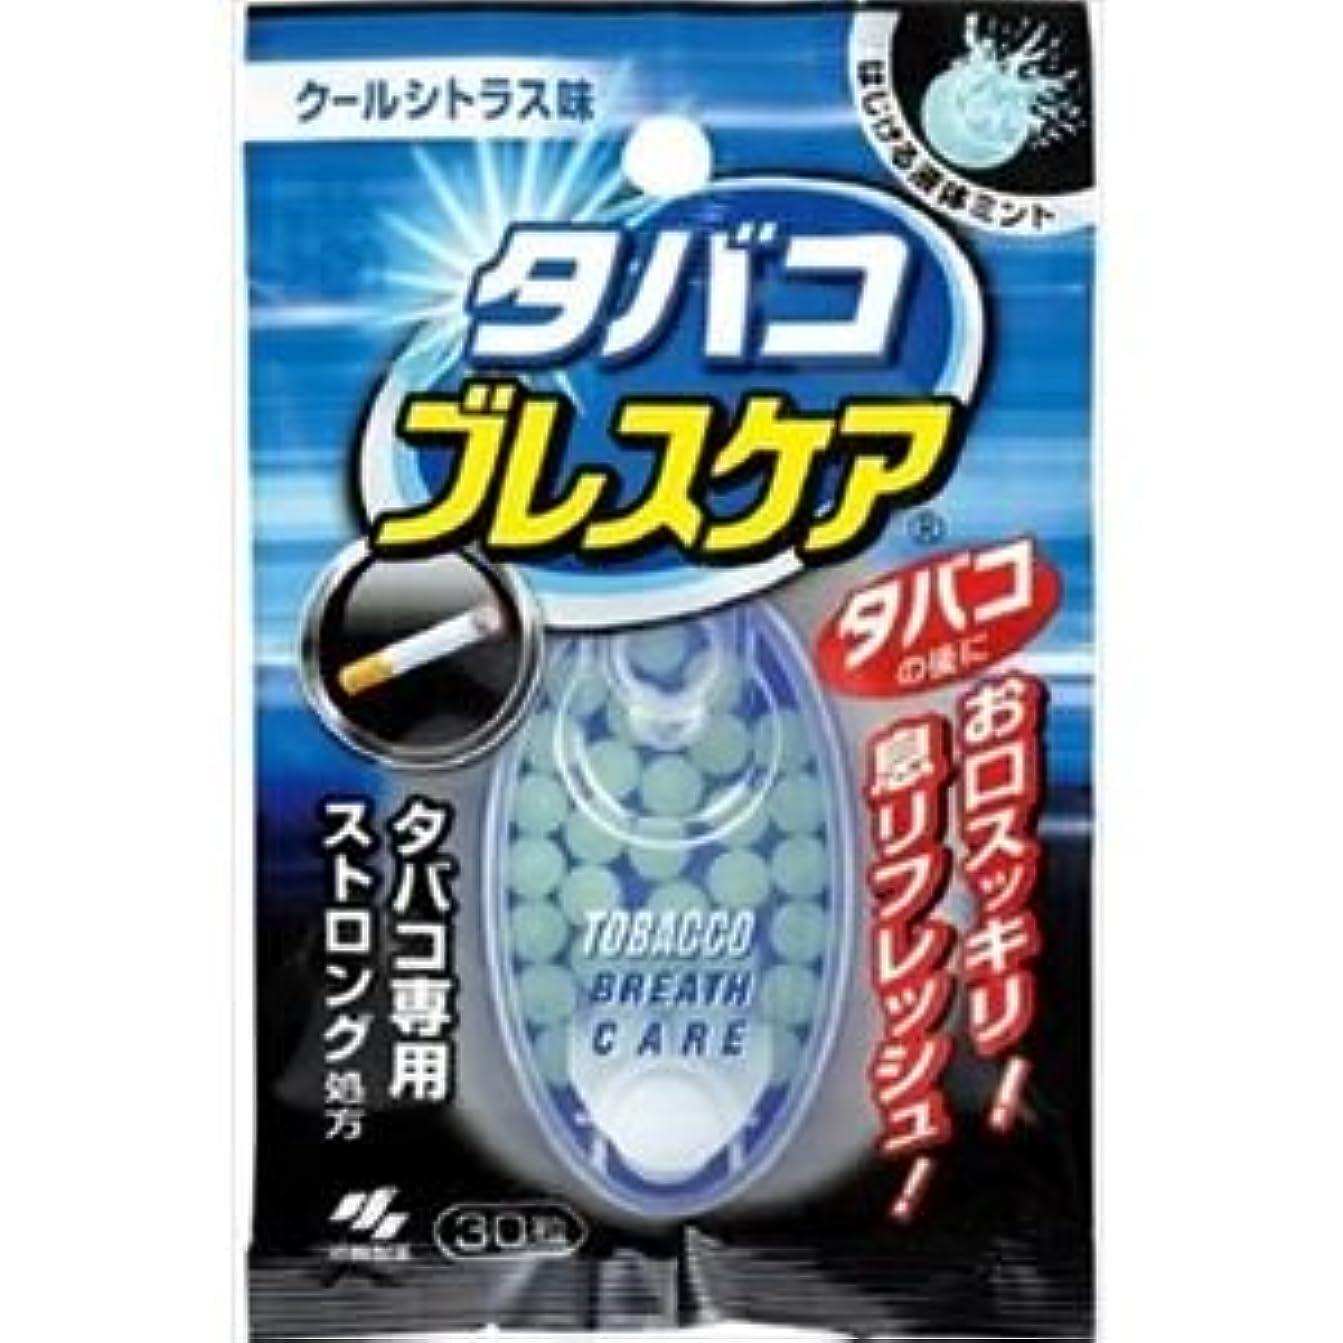 報酬集める置換(まとめ)小林製薬 タバコブレスケア 30粒 【×6点セット】